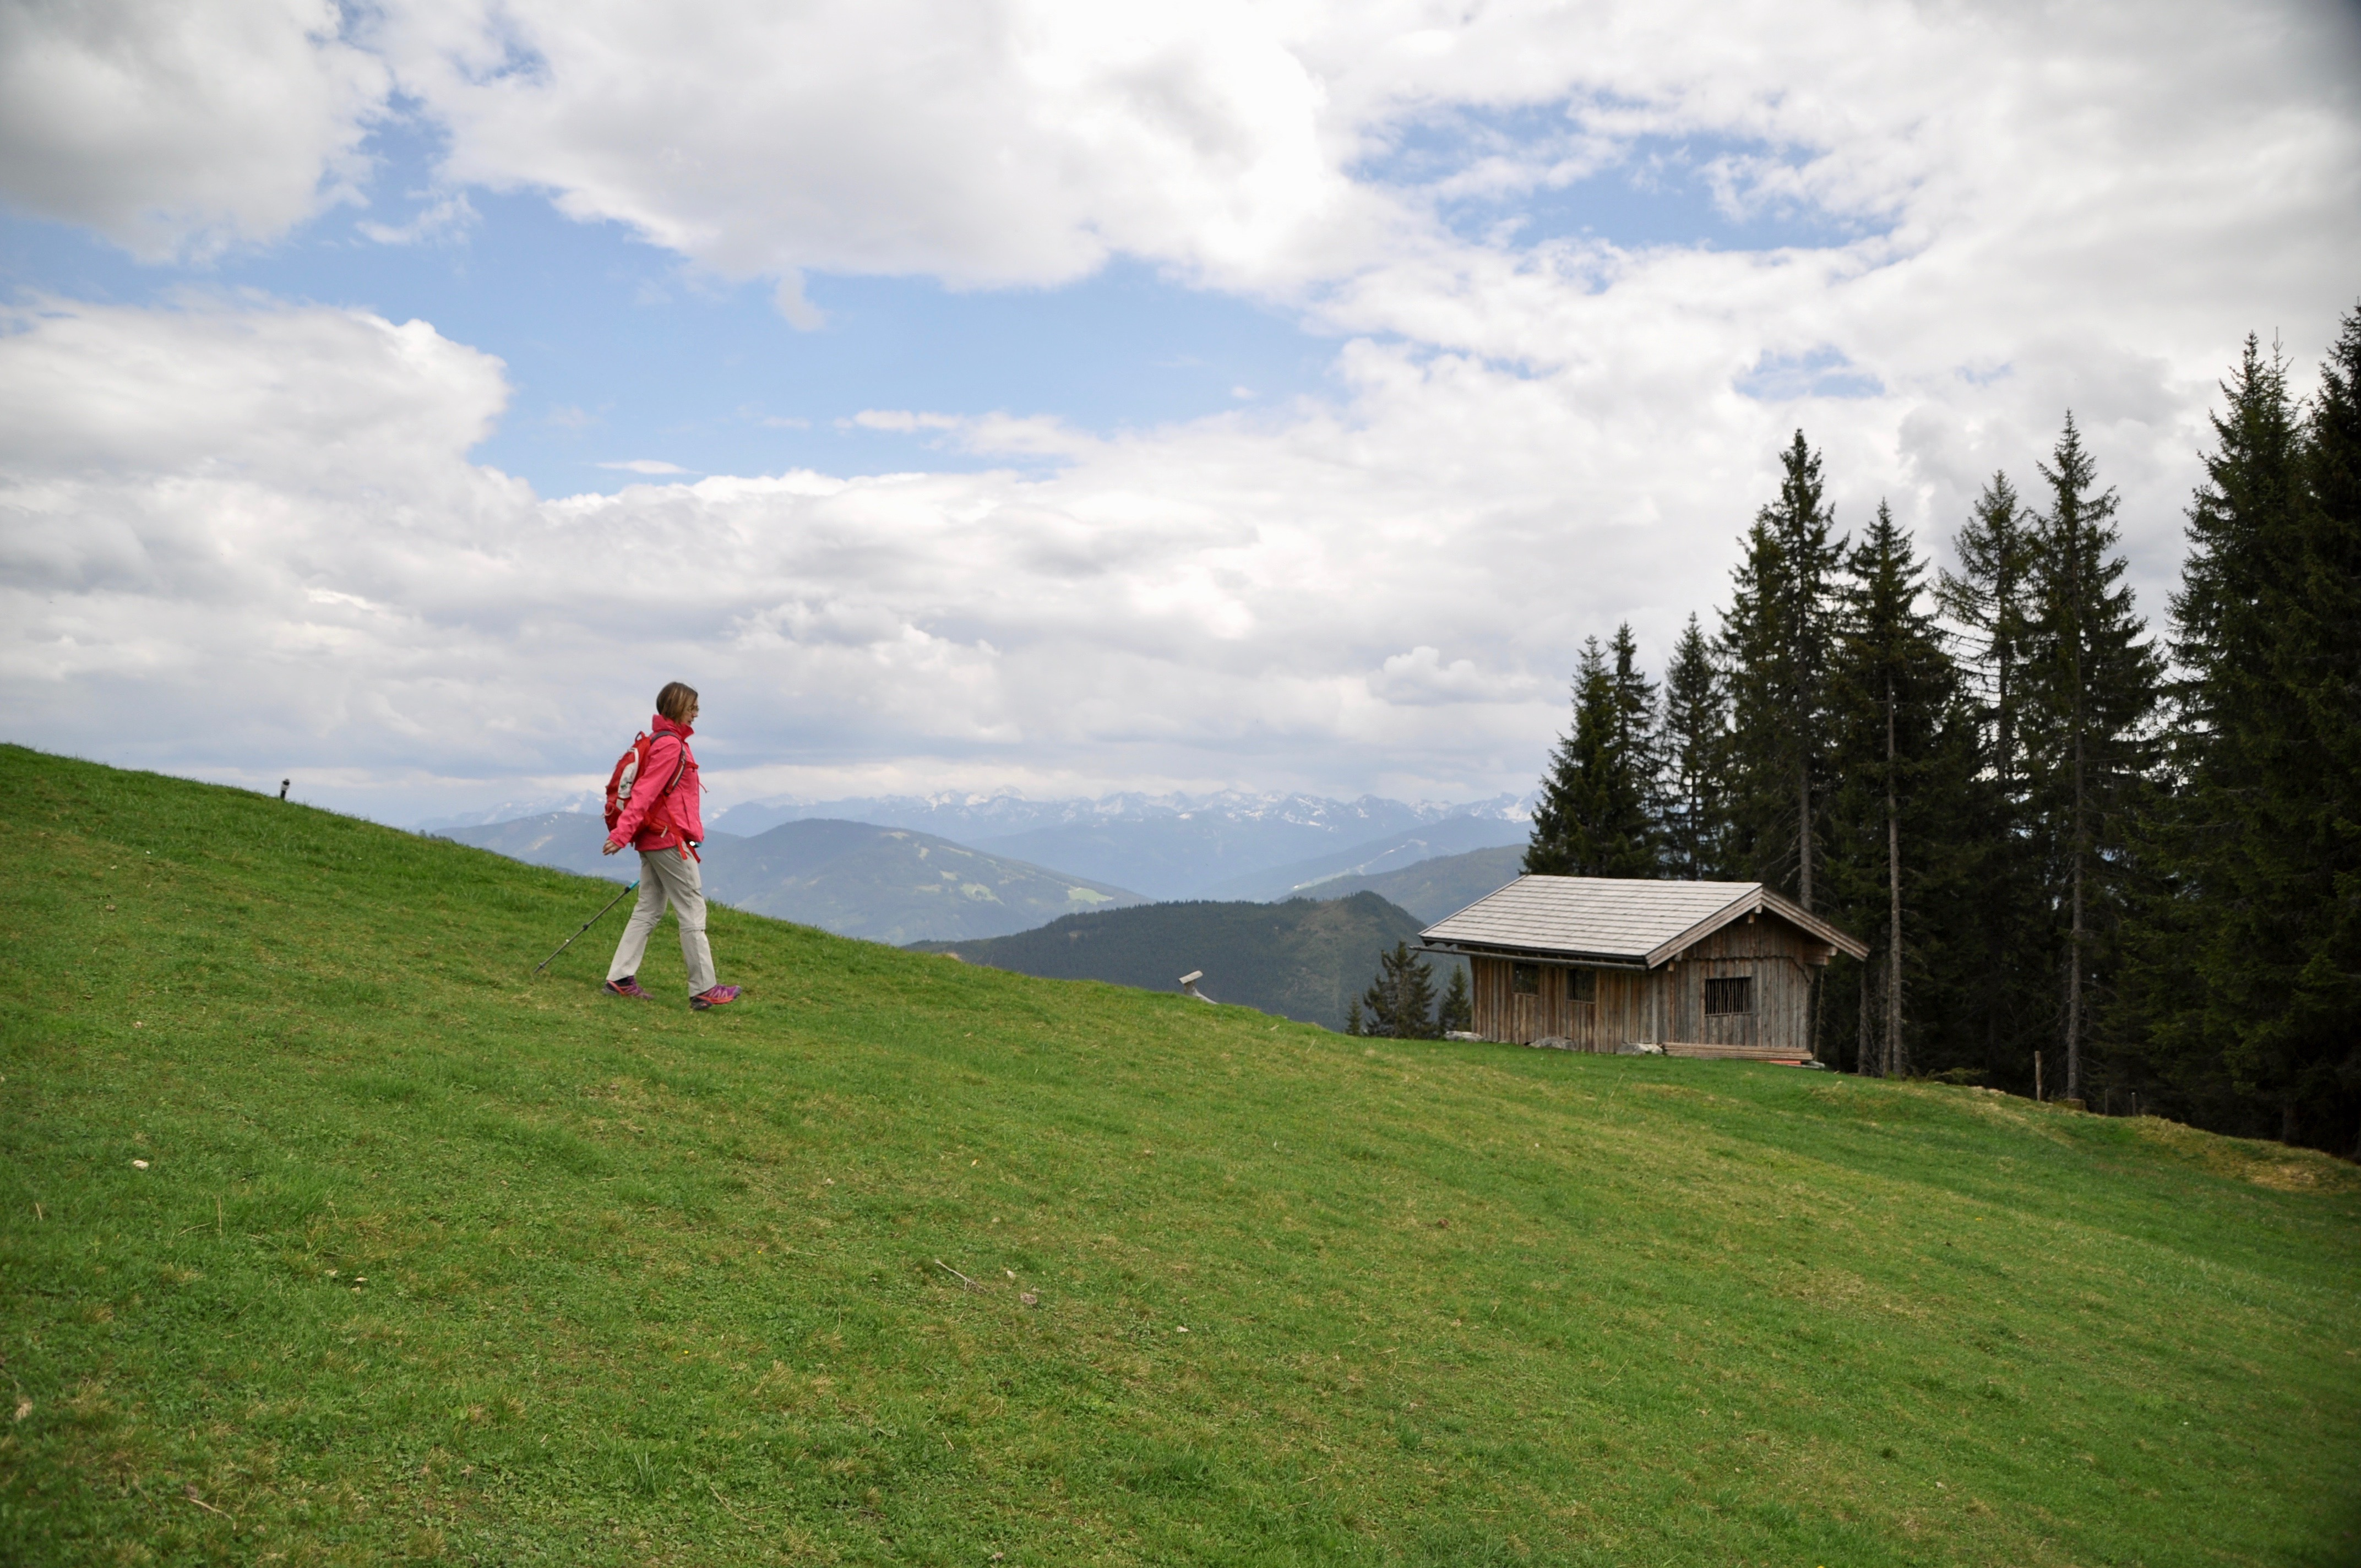 Eine Frau wandert vor einer Alpenkulisse als Teil einer Wandergruppe eine grüne Wiese hinab.